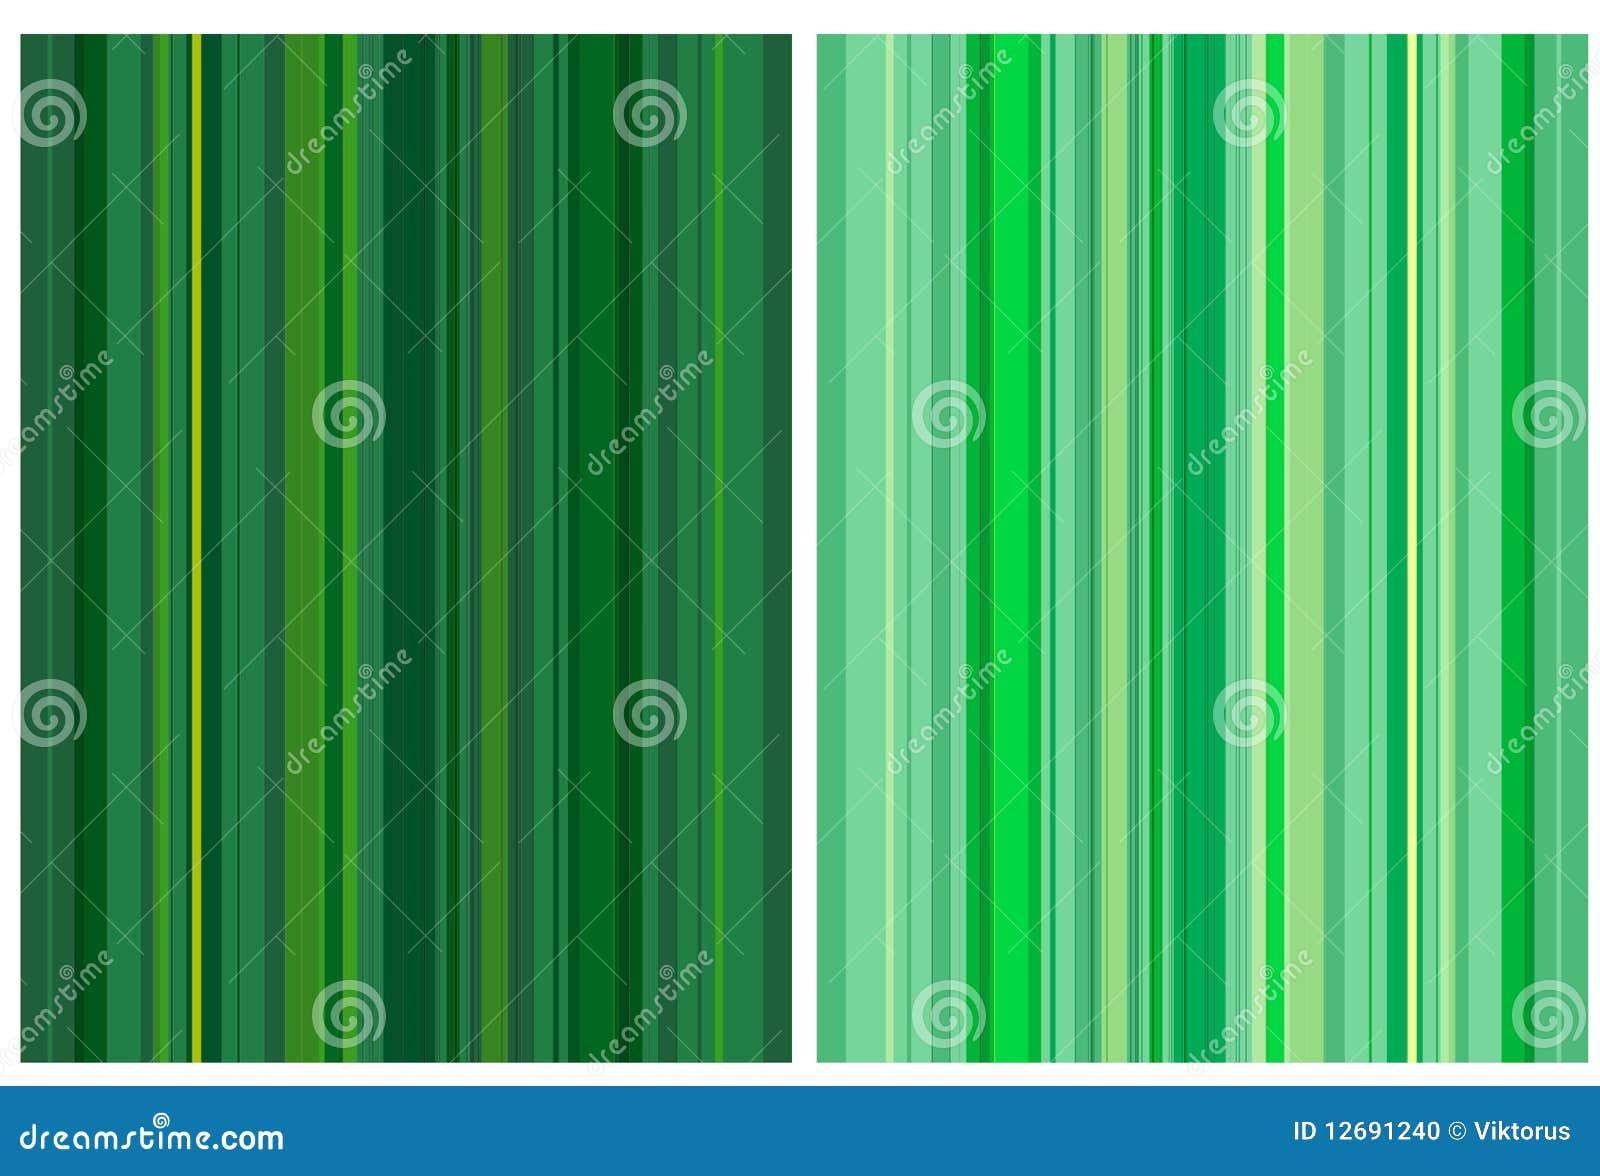 Fondo verde de la gama de colores ilustraci n del vector - Gama de verdes ...